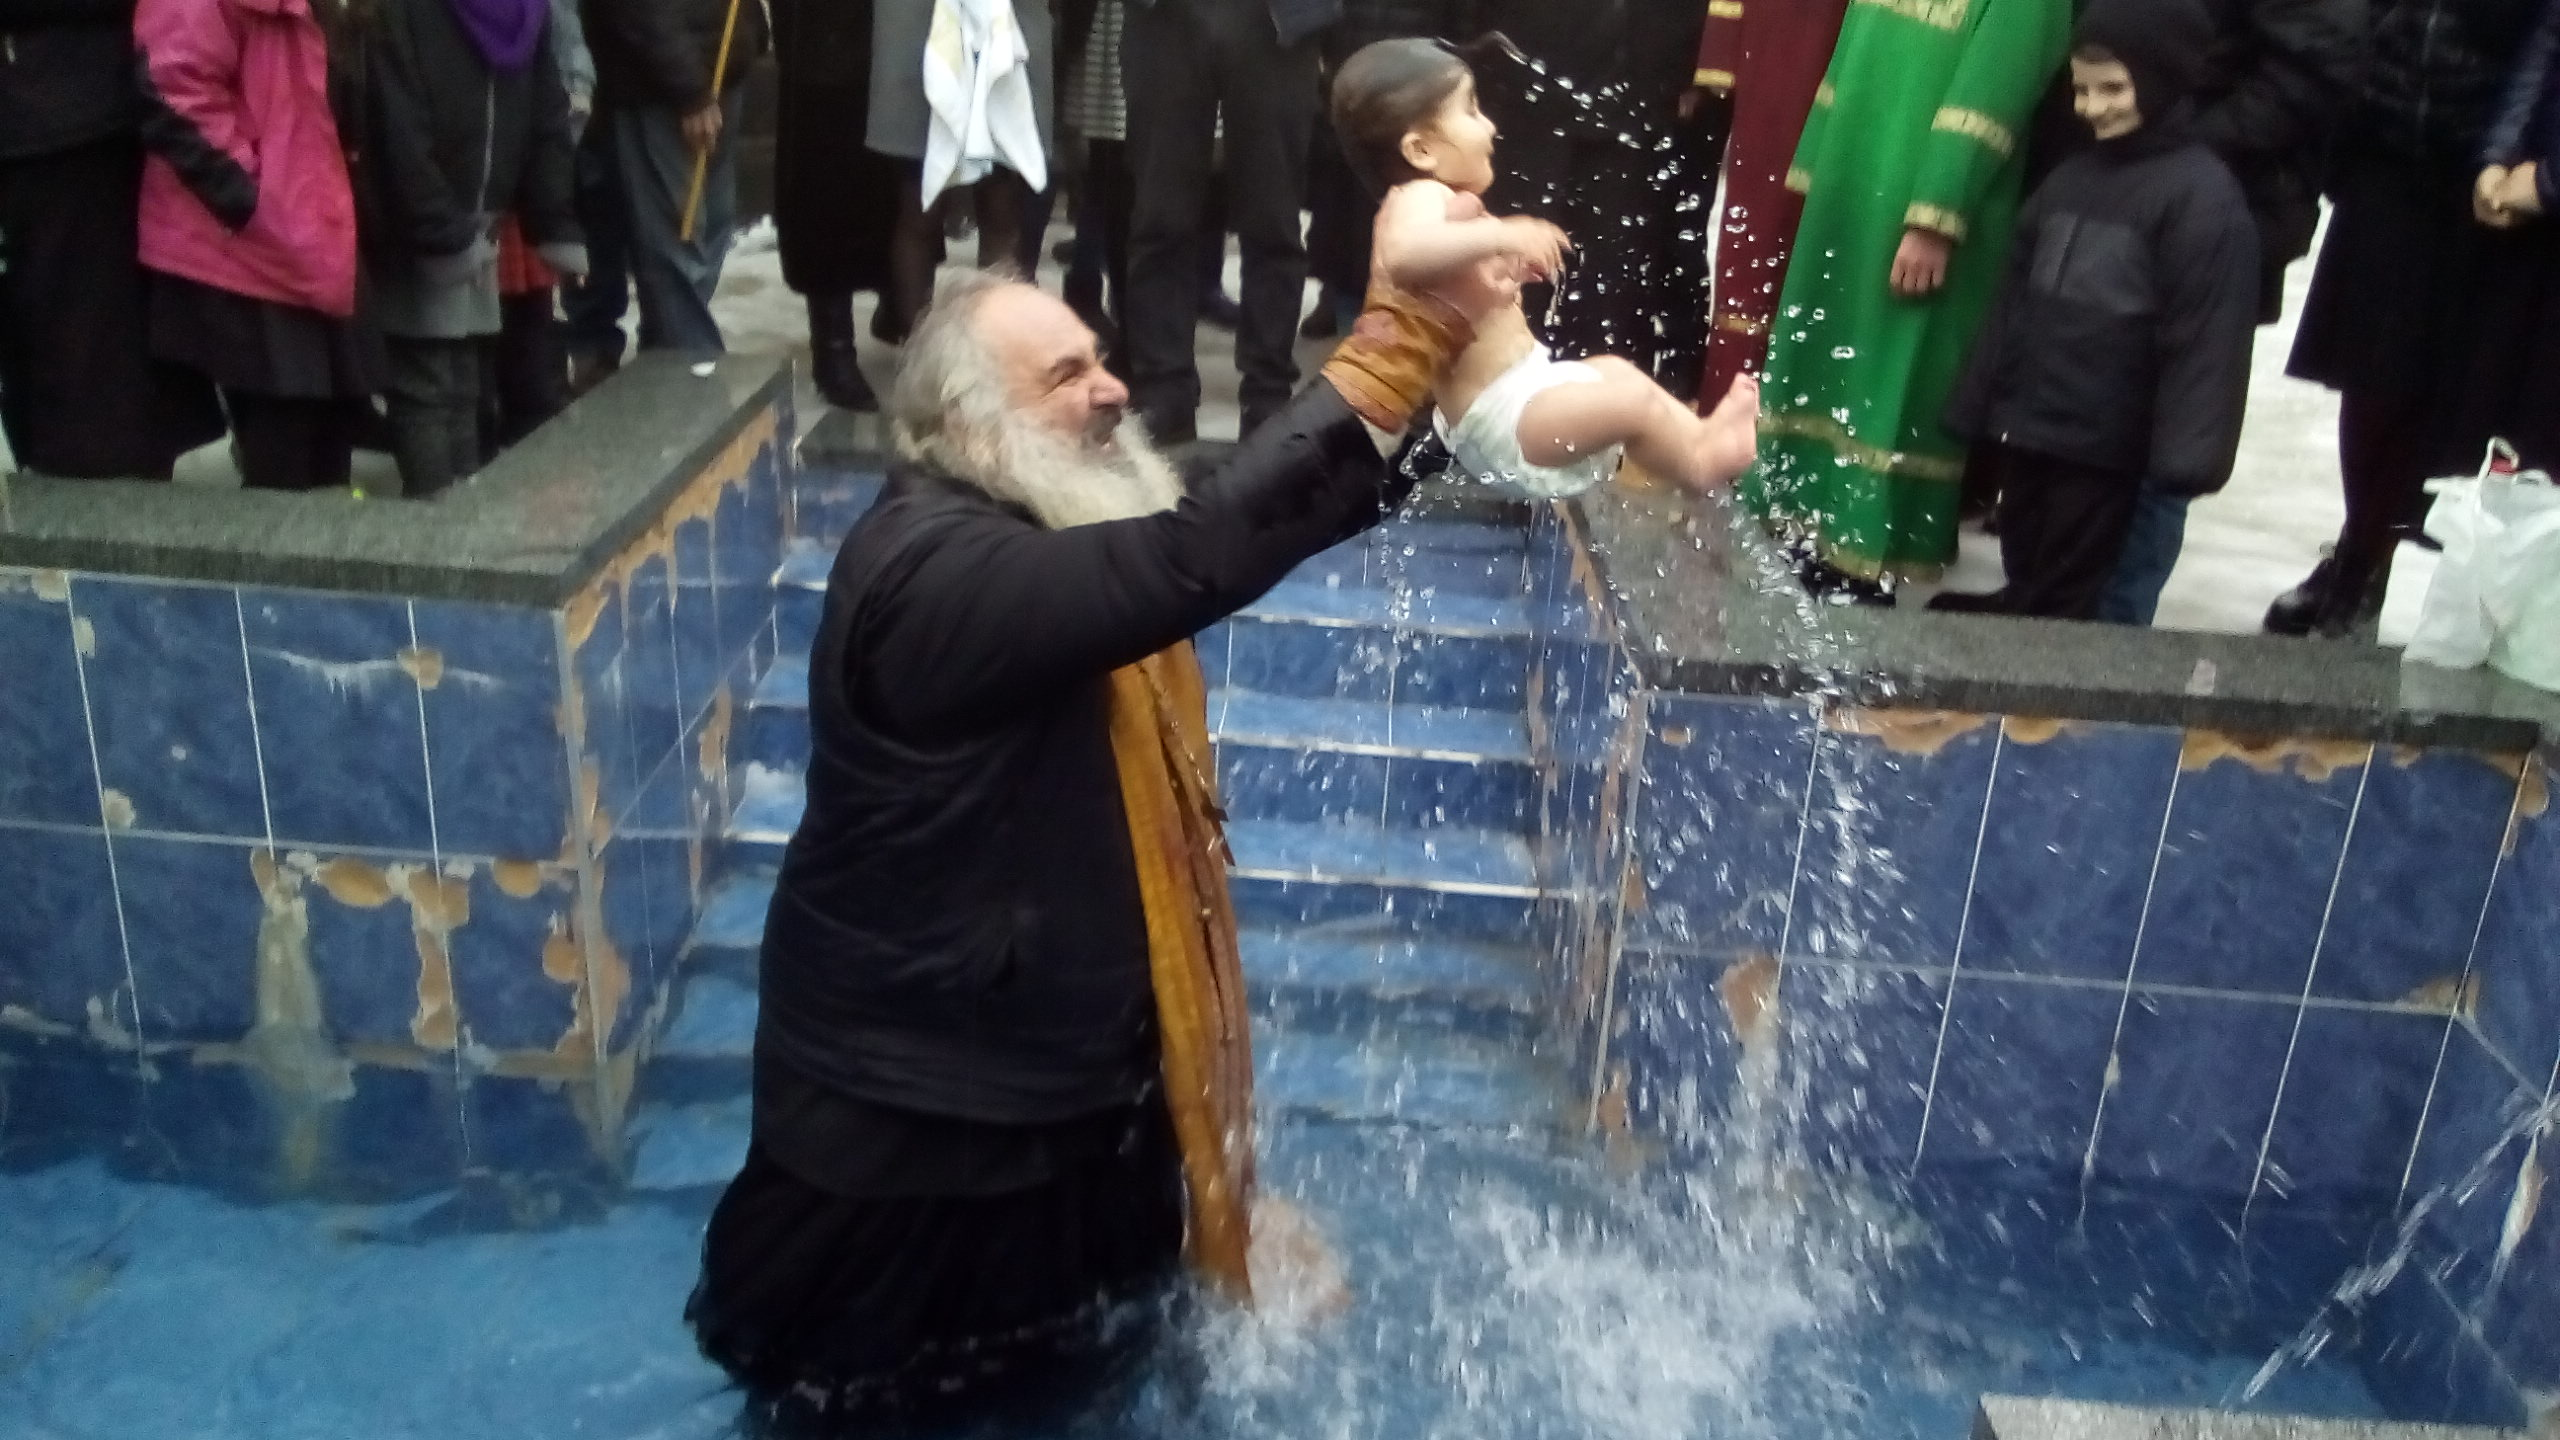 ლენტეხში ნათლისღების დღესასწაულზე ნათლობა  ღია ცის ქვეშ  ჩატარდა